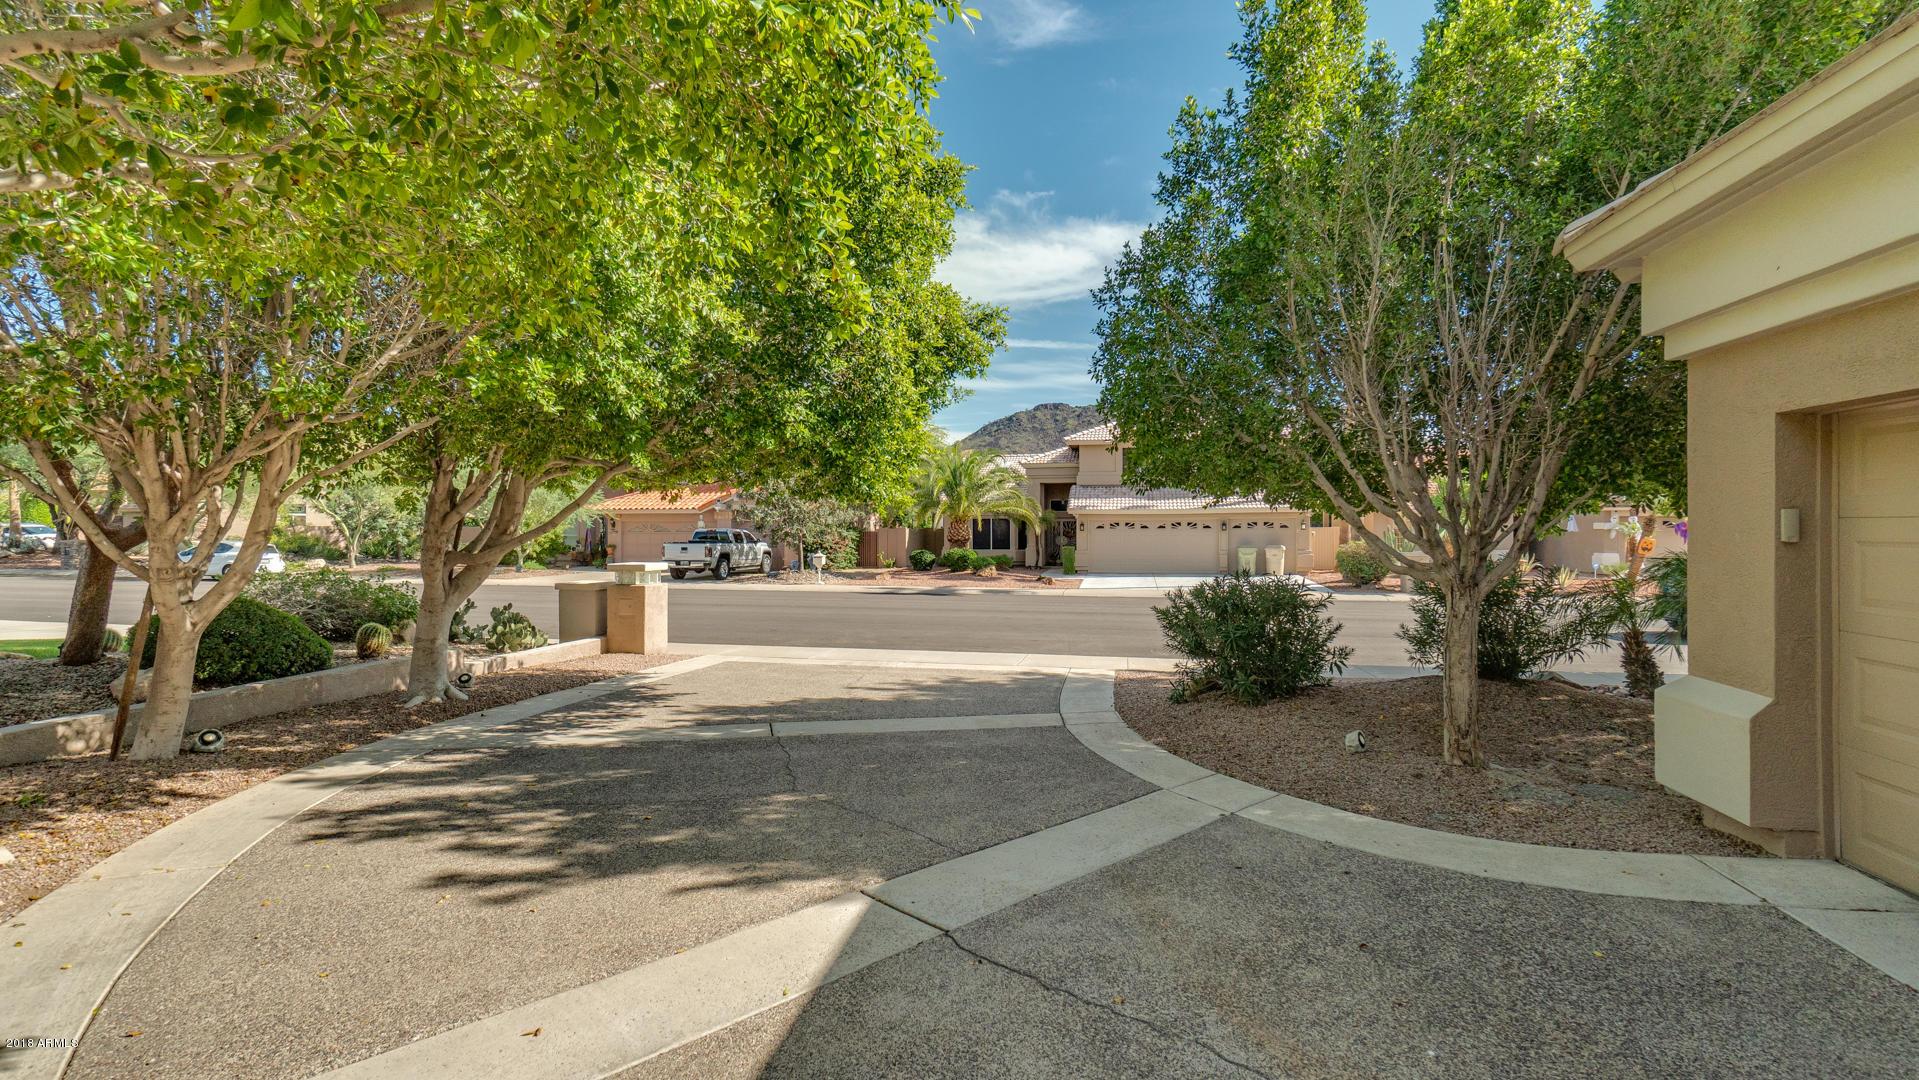 MLS 5837947 20758 N 56TH Avenue, Glendale, AZ 85308 Glendale AZ Arrowhead Lakes